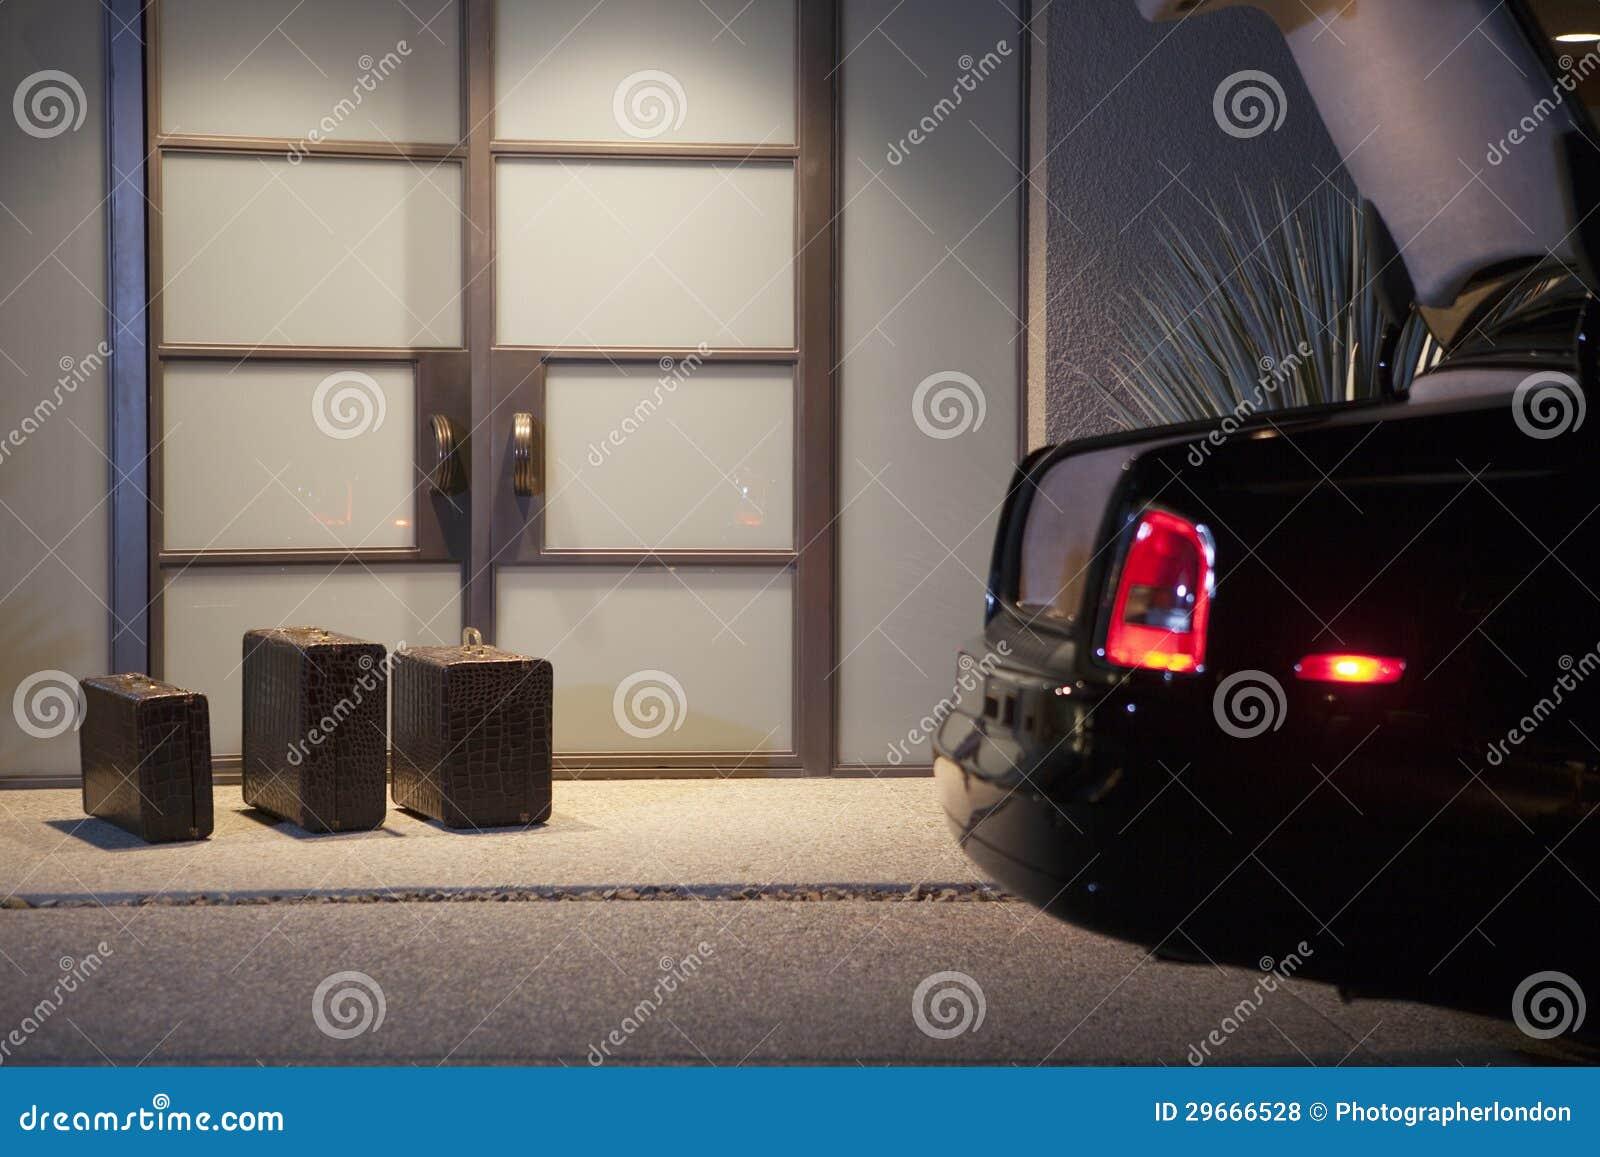 Βαλίτσες στην πόρτα